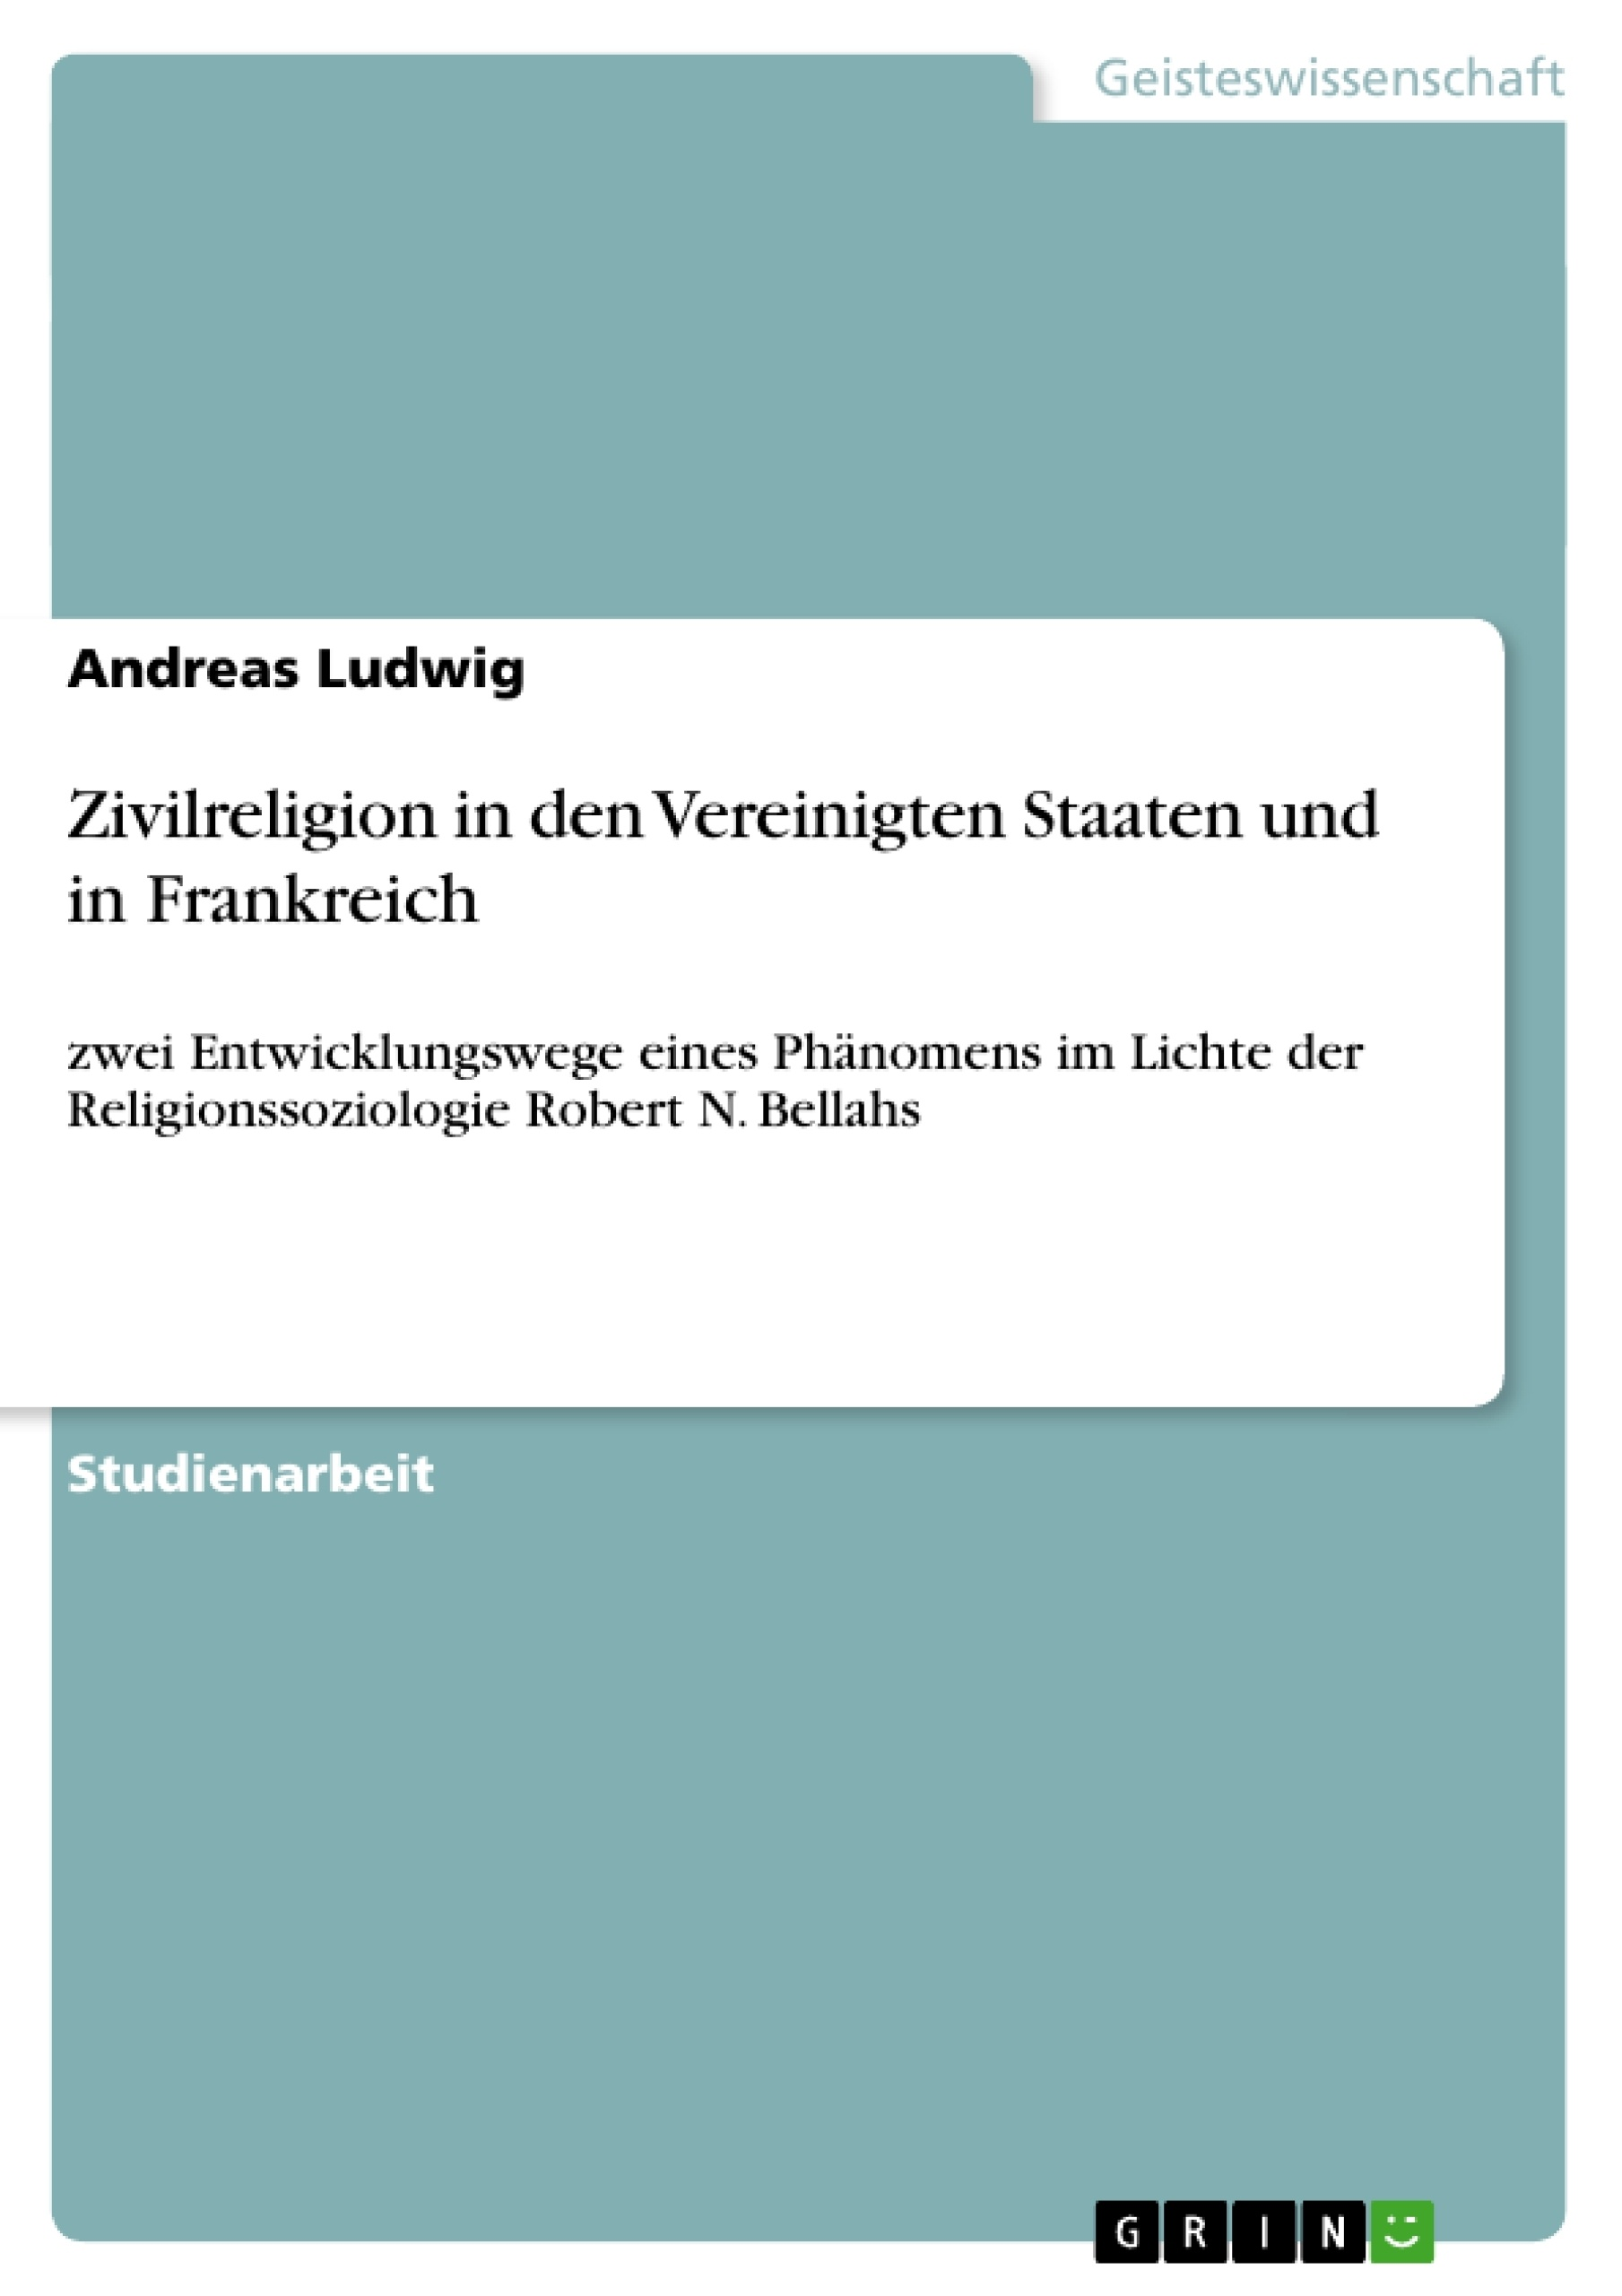 Titel: Zivilreligion in den Vereinigten Staaten und in Frankreich